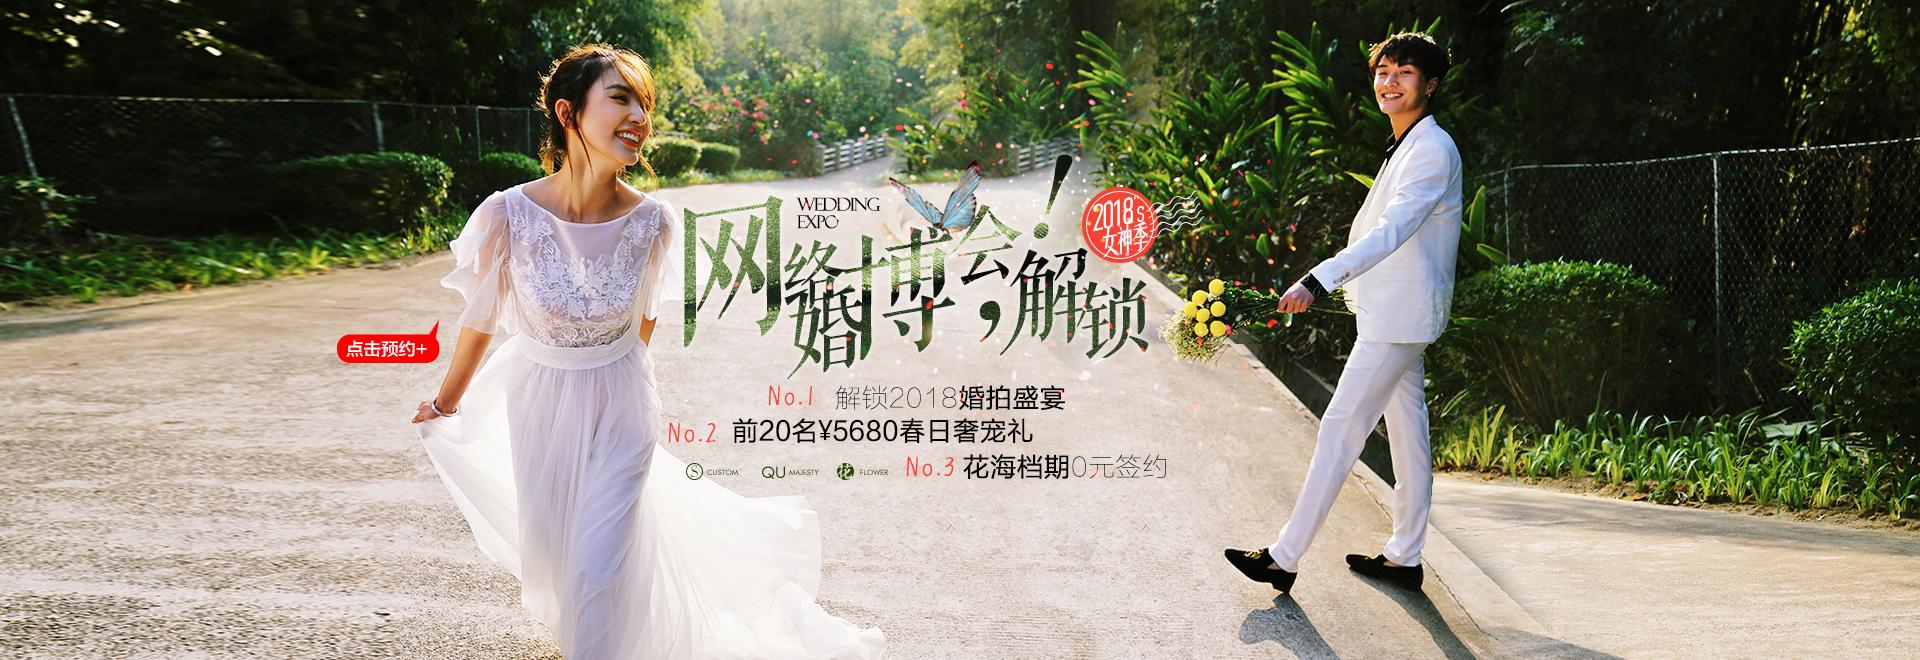 雪中彩影·网络婚博会